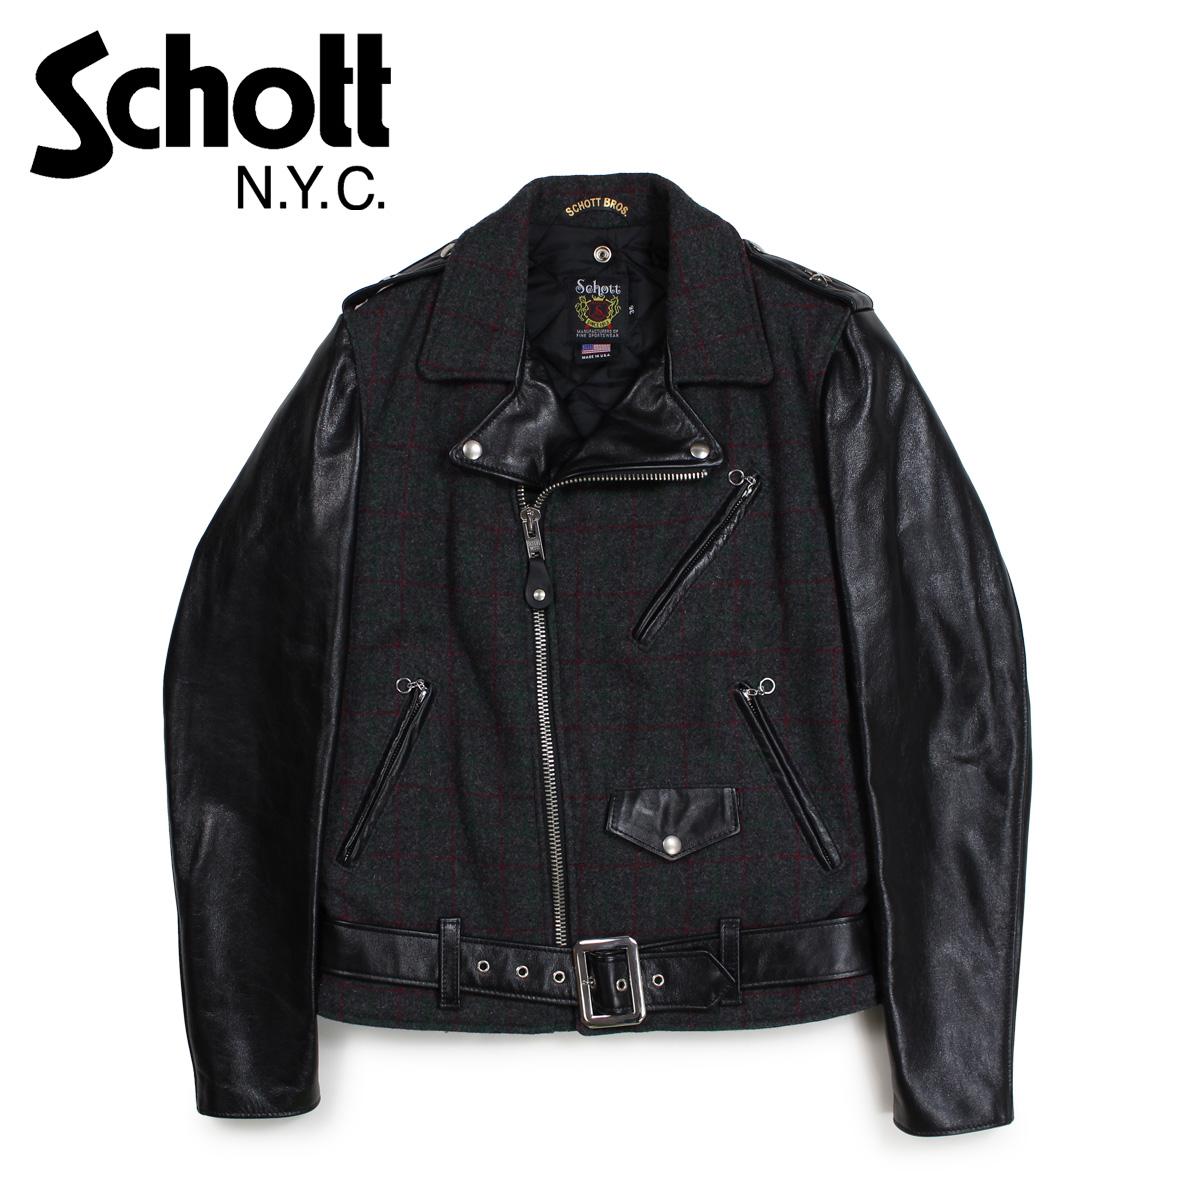 Schott ショット ジャケット ライダースジャケット メンズ MEN WOOL LEATHER RIDERS JACKET ブラック 黒